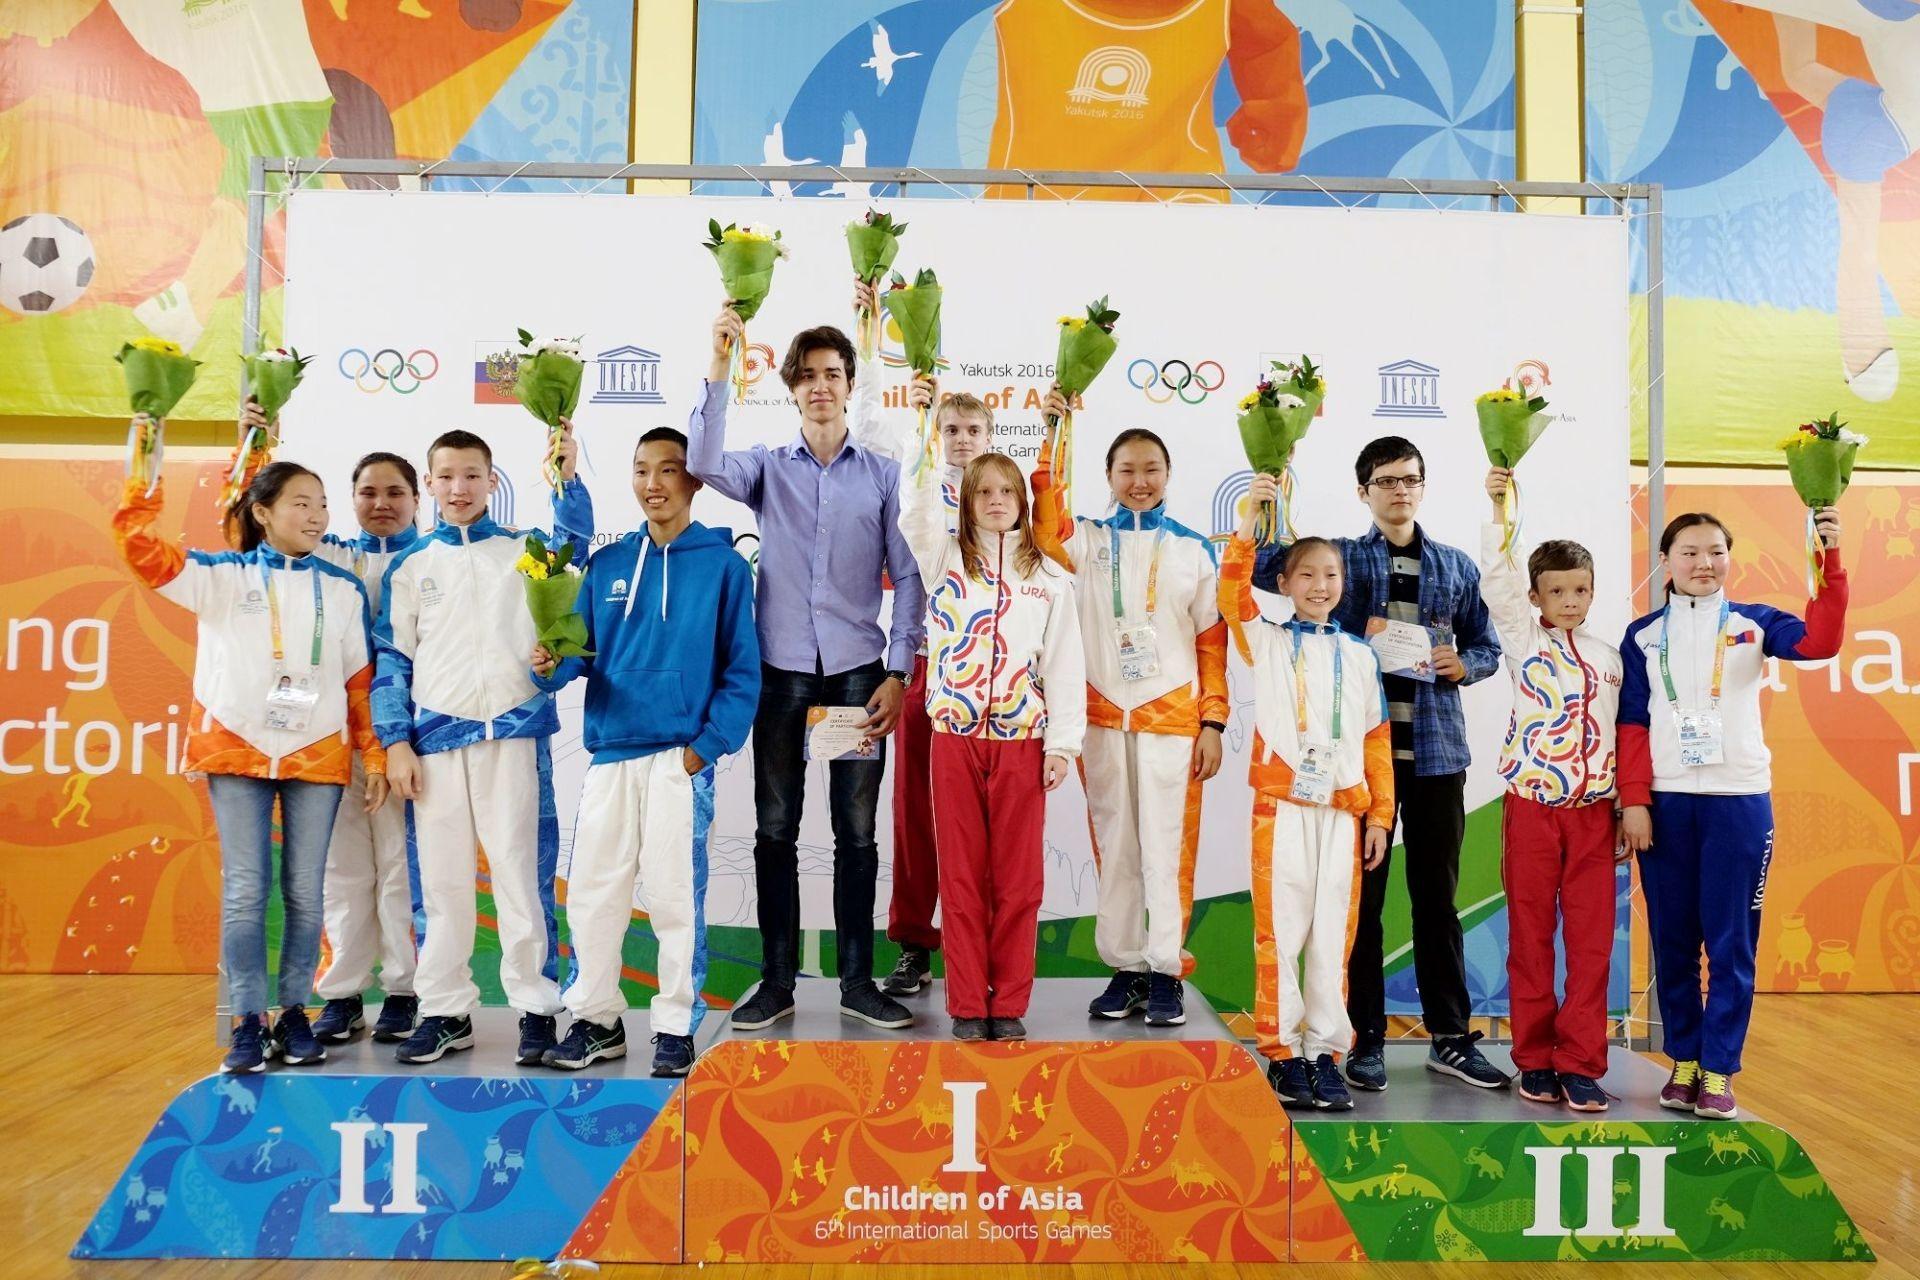 Смотри! Дети Азии в 2019 году: международные соревнования, обзор картинки